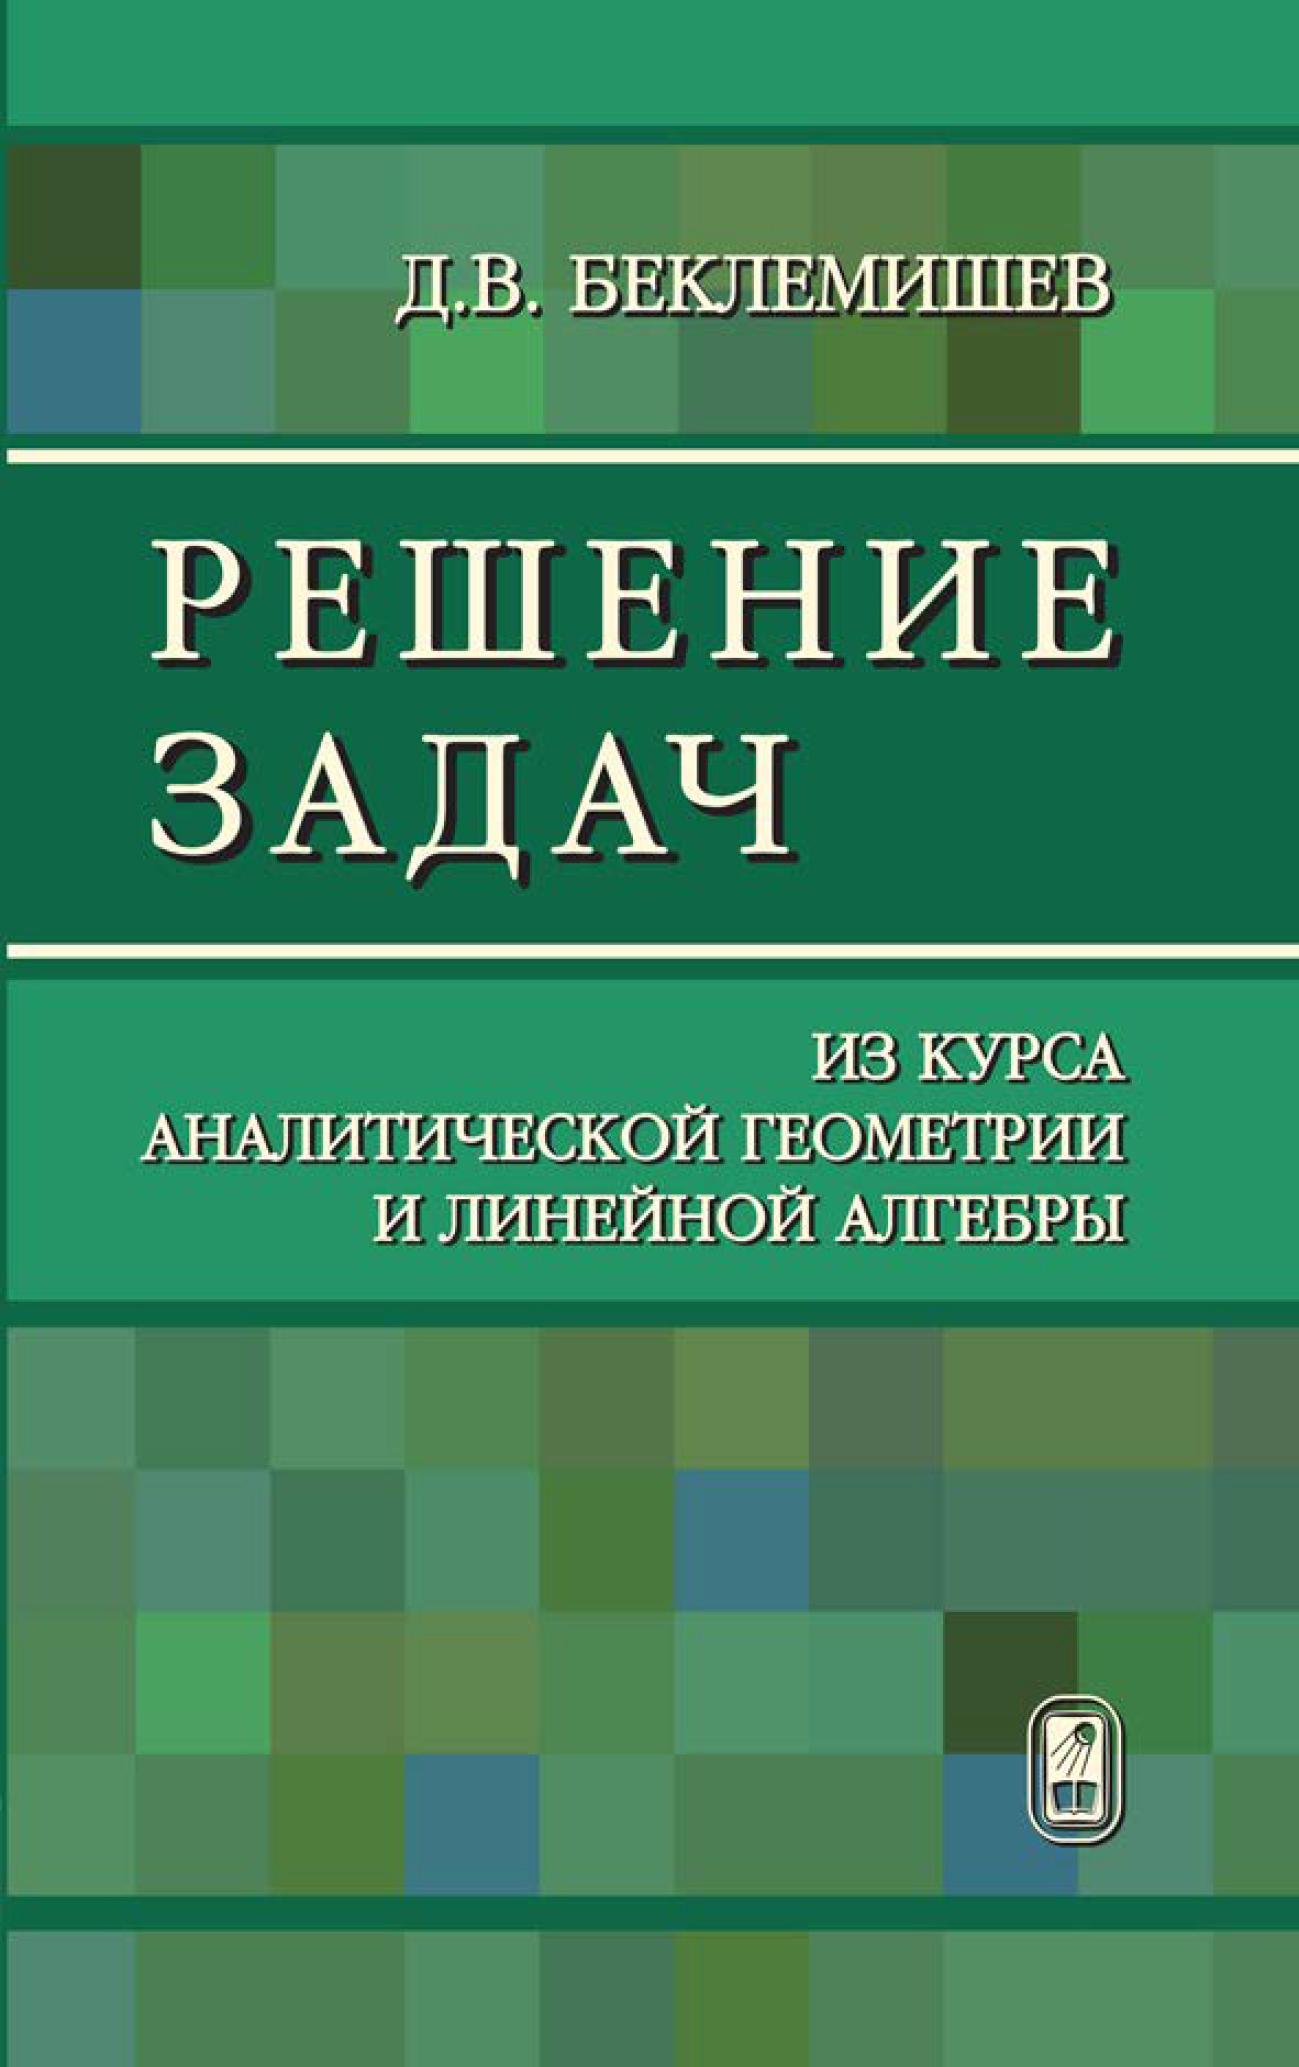 По геометрии онлайн аналитической клетеник онлайн решебник задач сборник